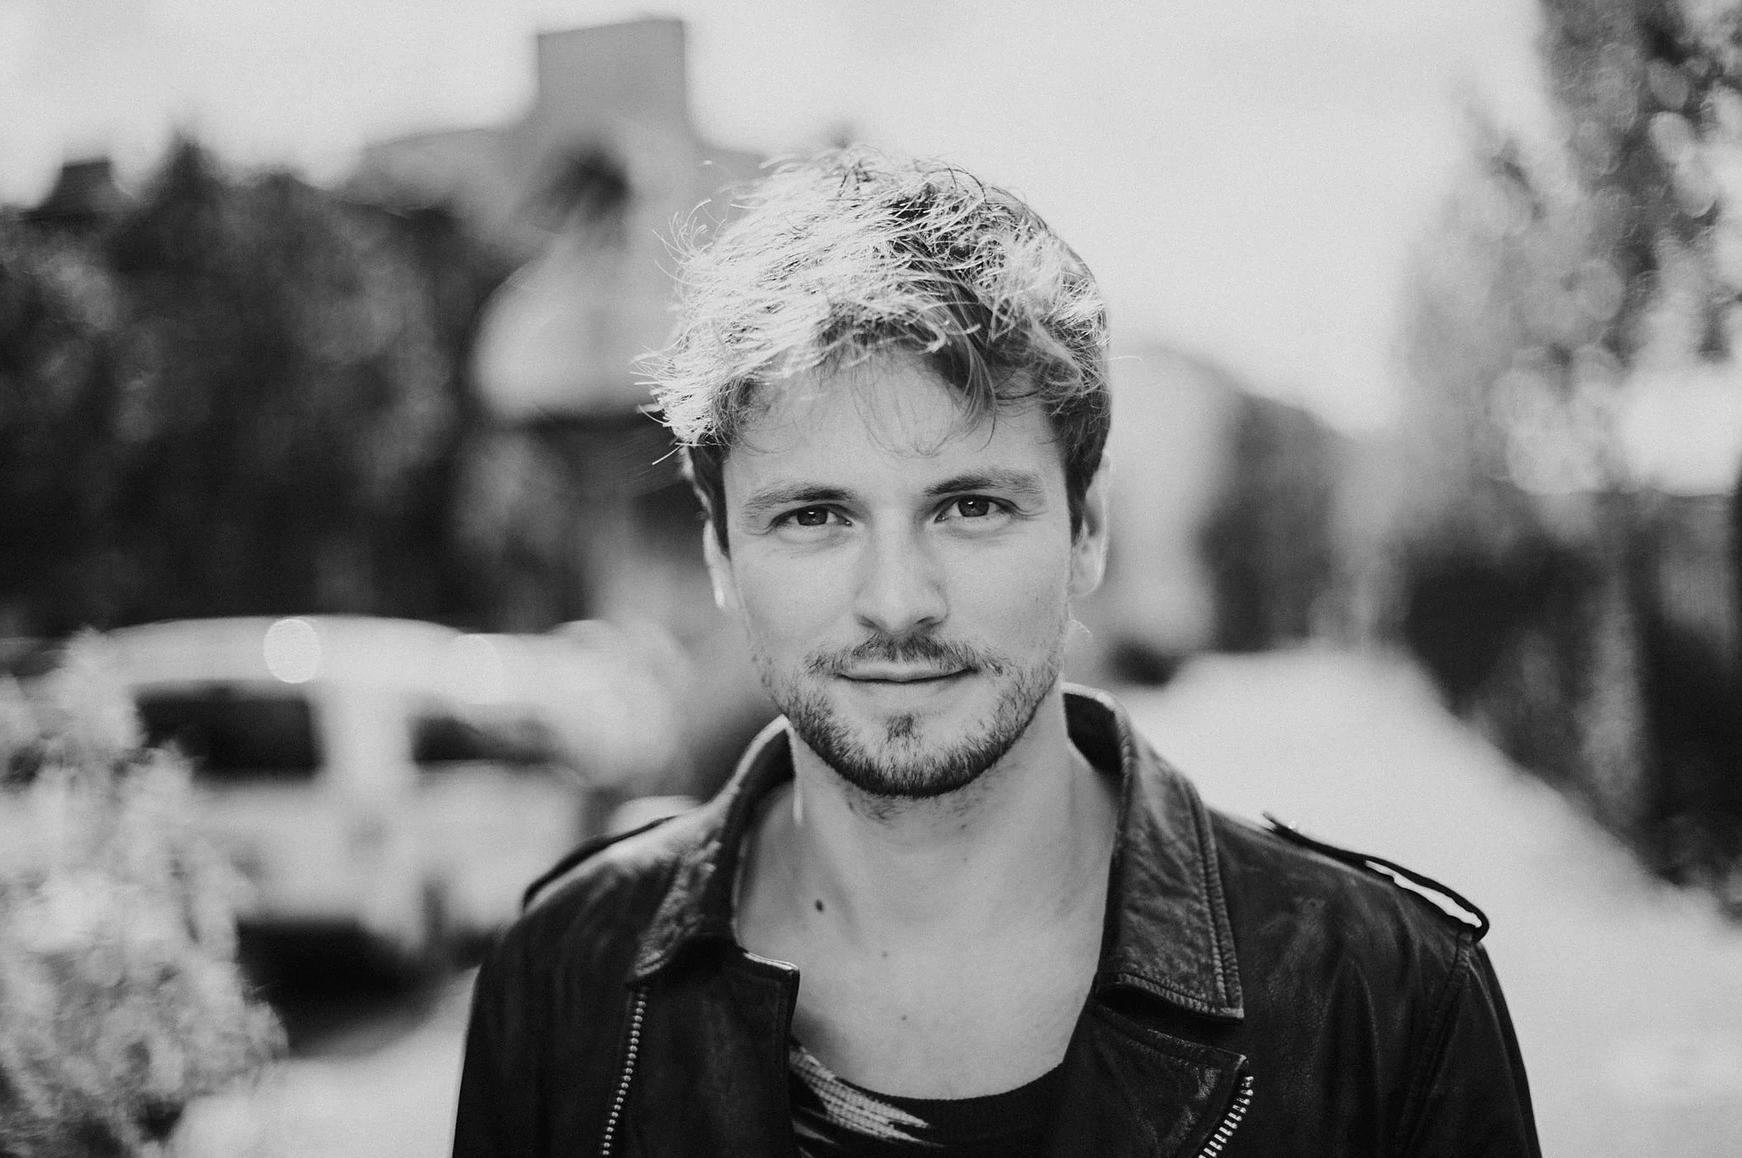 Justus Naethler